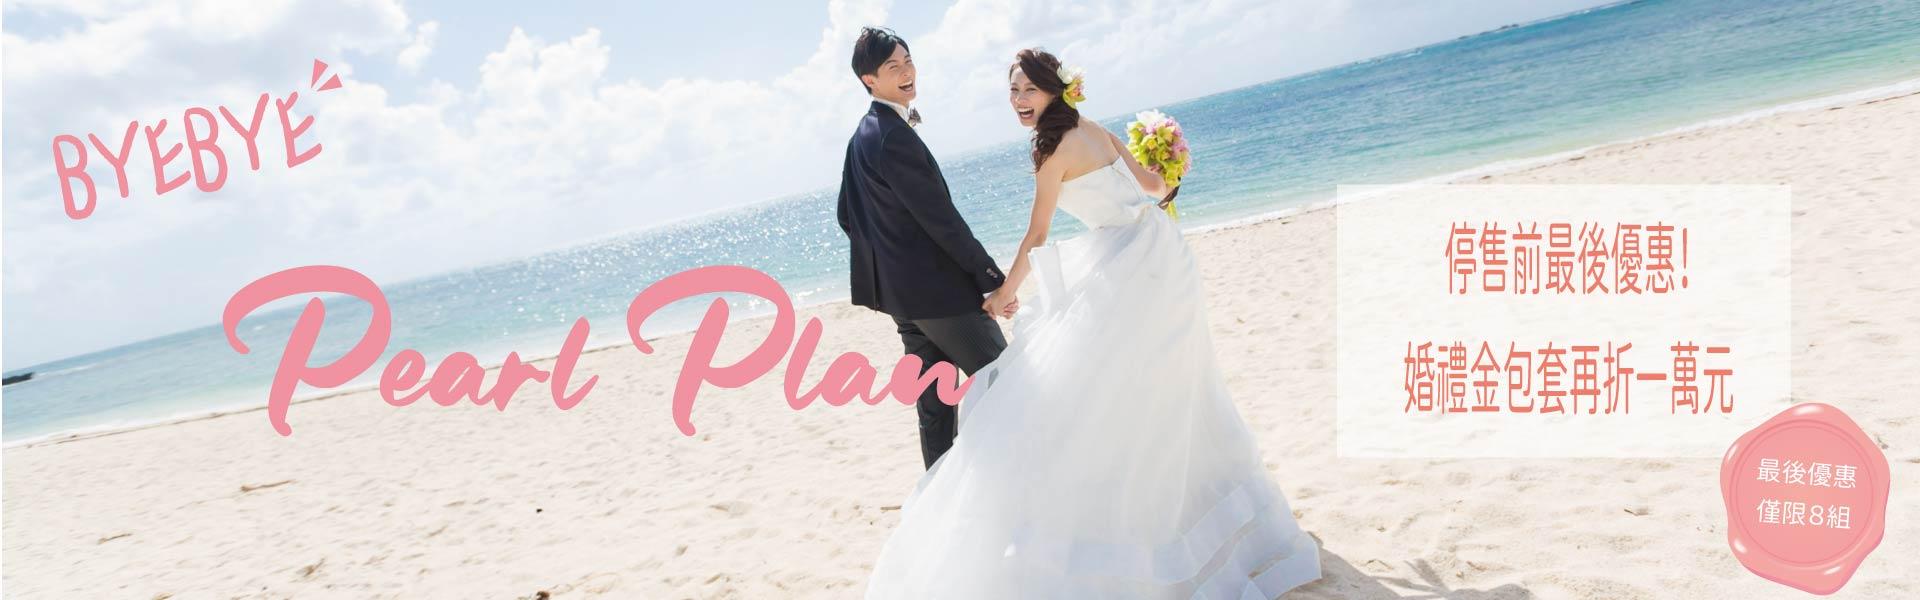 Byebye Pearl Plan